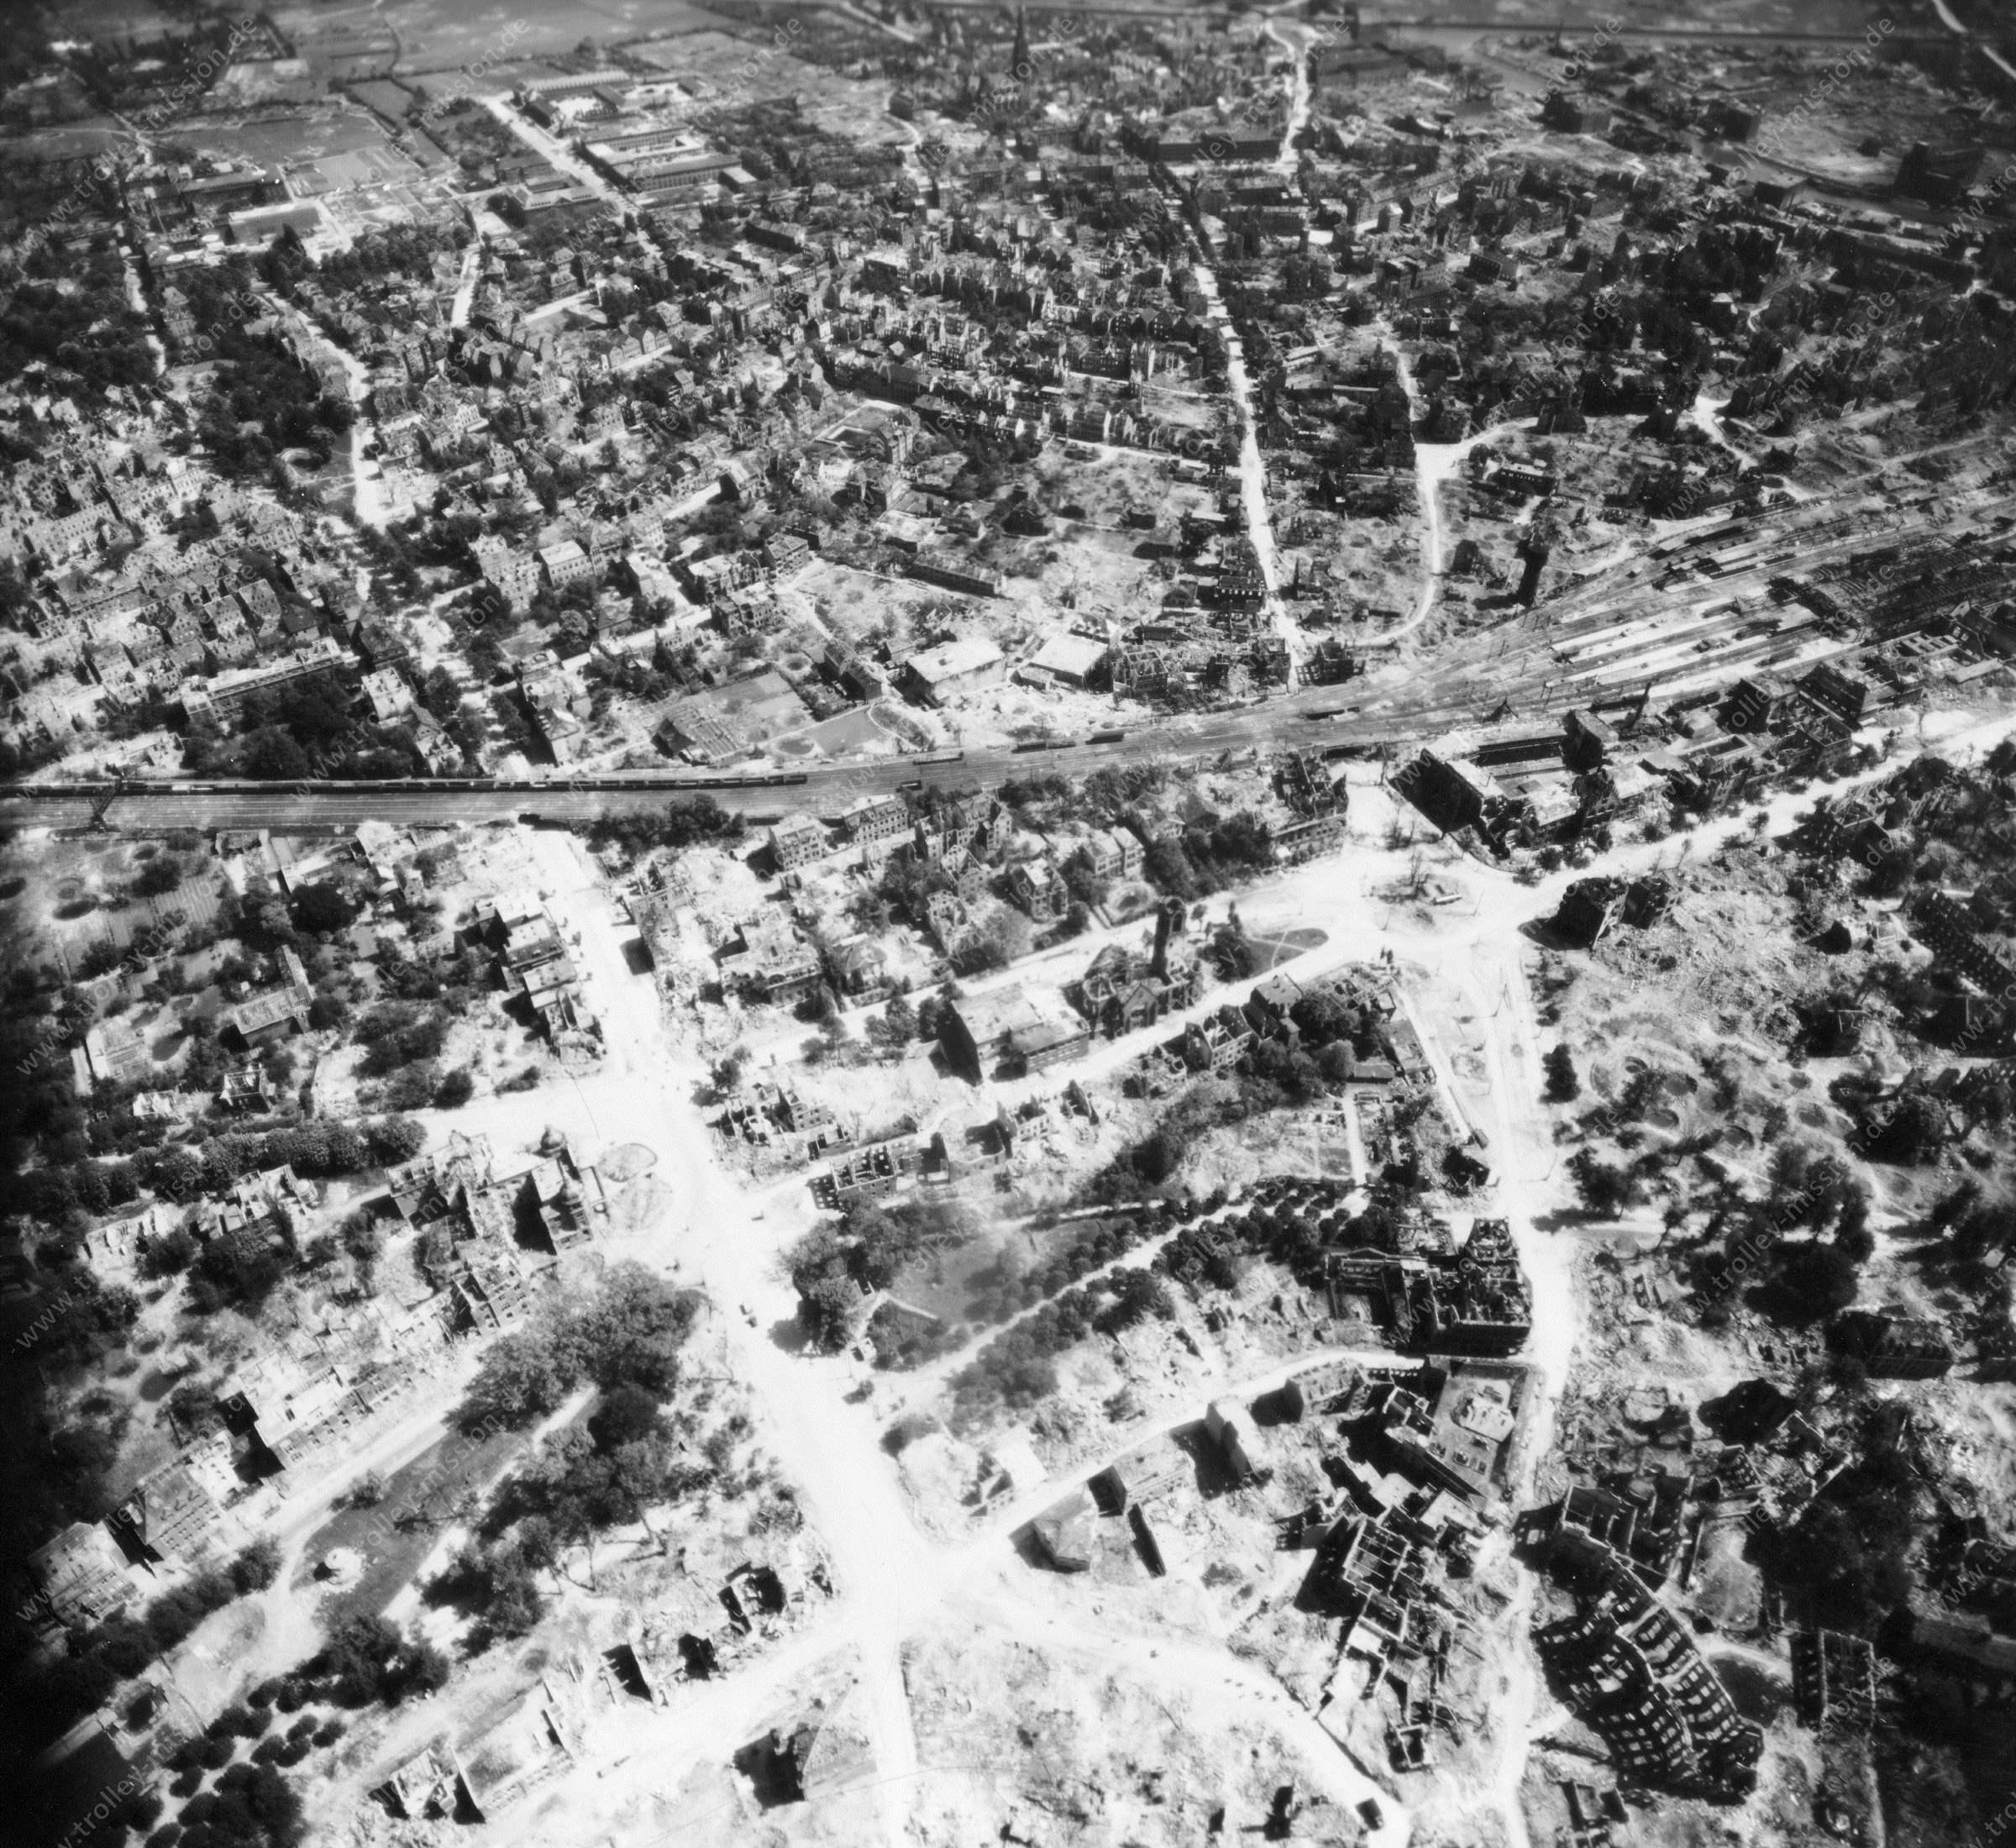 Luftbild von Münster am 12. Mai 1945 - Luftbildserie 9/11 der US Air Force